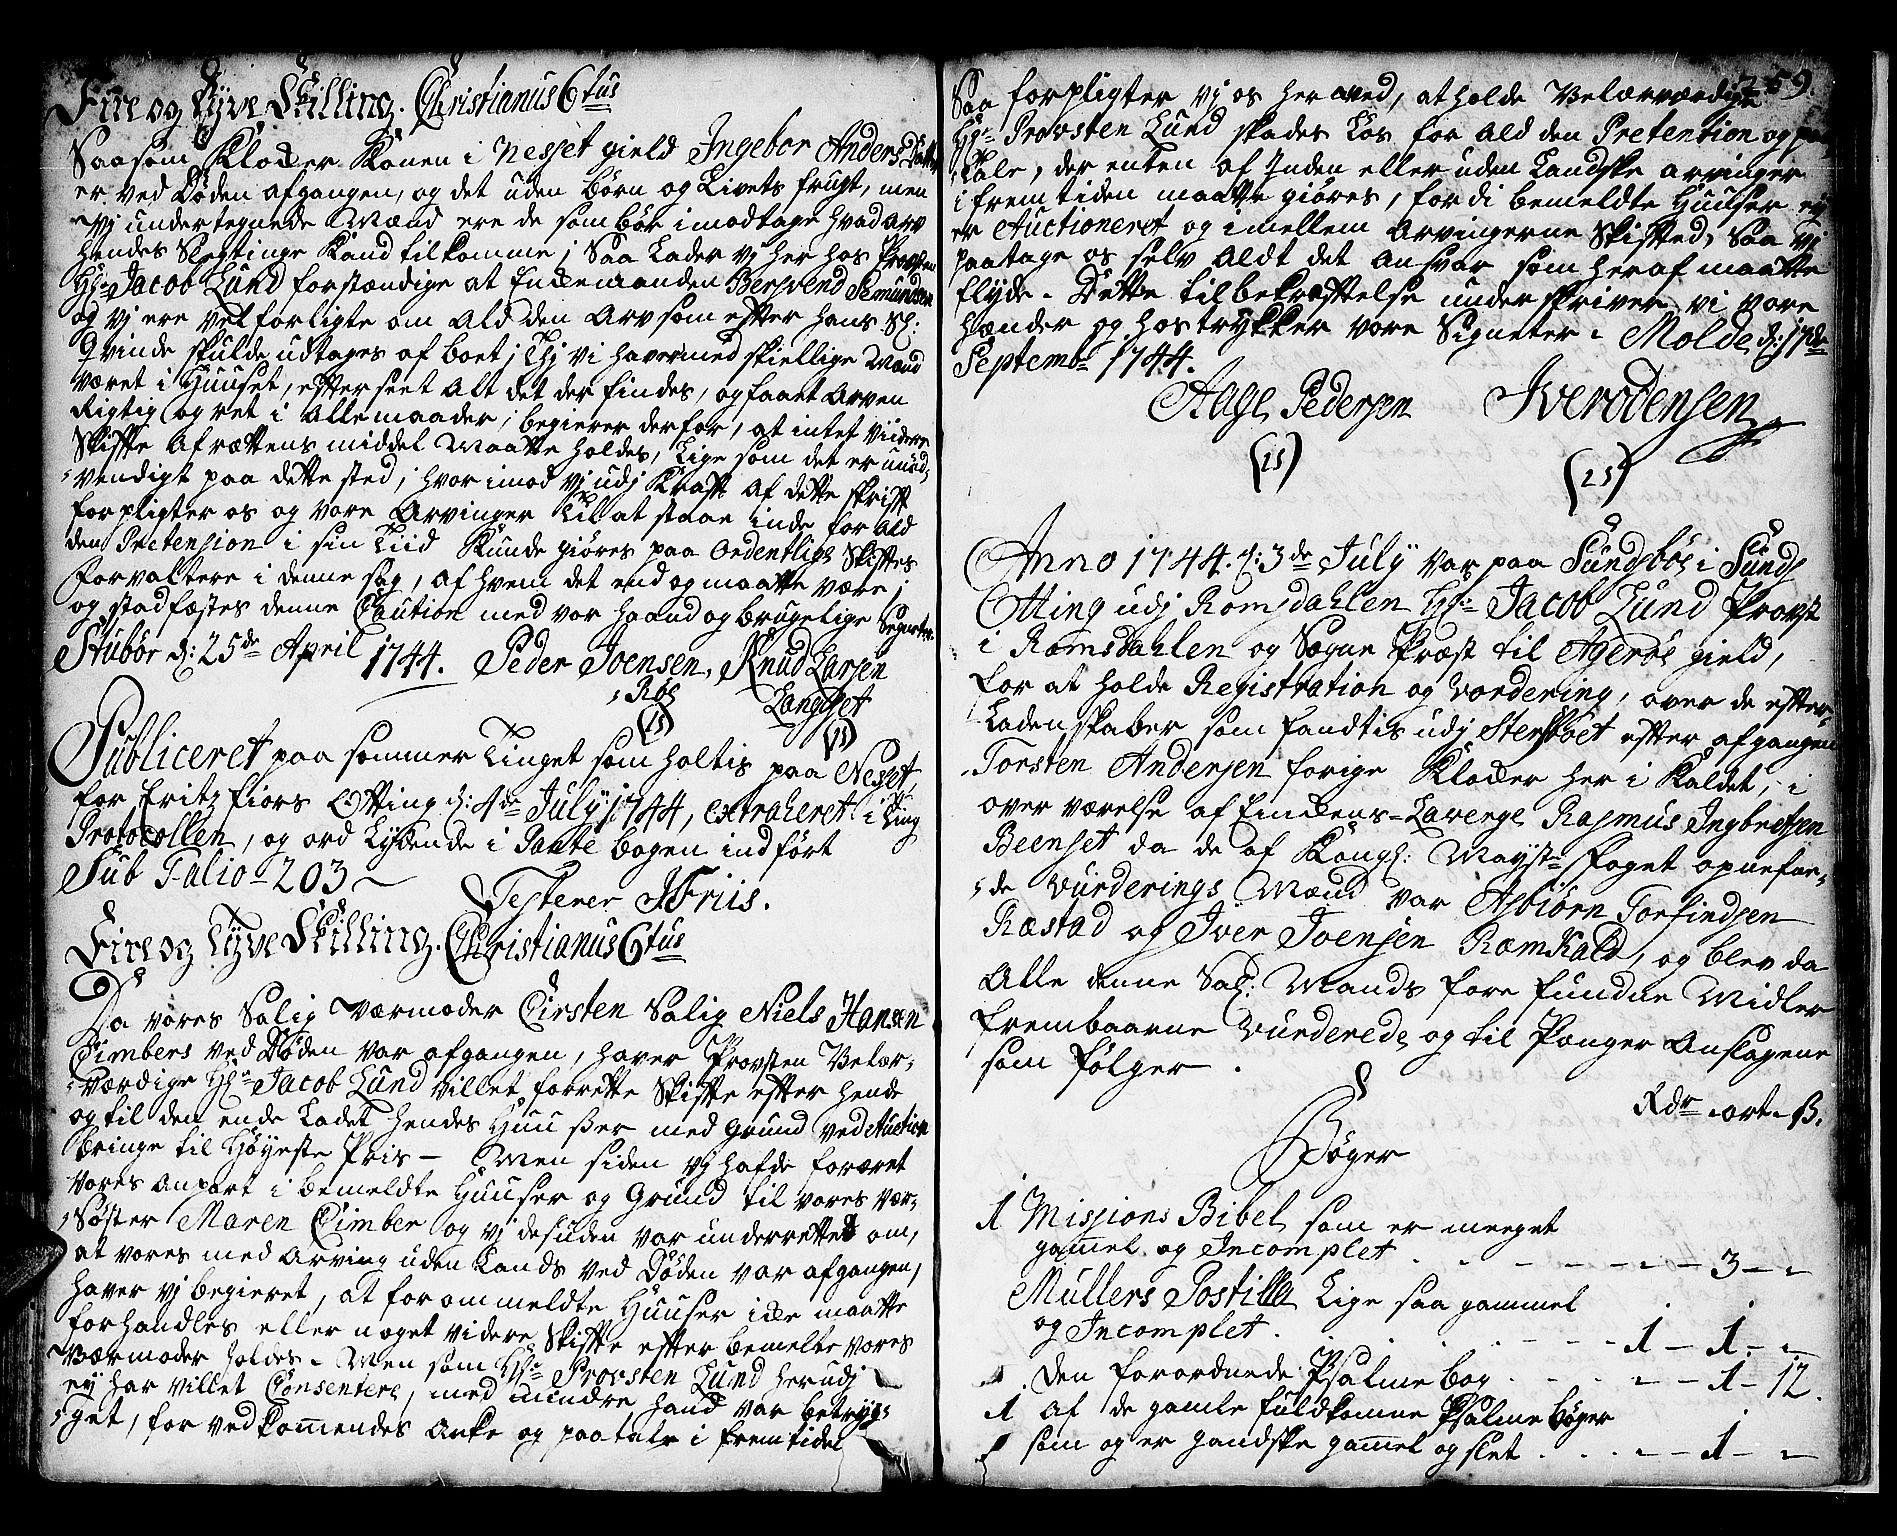 SAT, Romsdal prosti, I/I1/L0001: Retts- og skifteprotokoll m/register, 1706-1749, p. 258b-259a